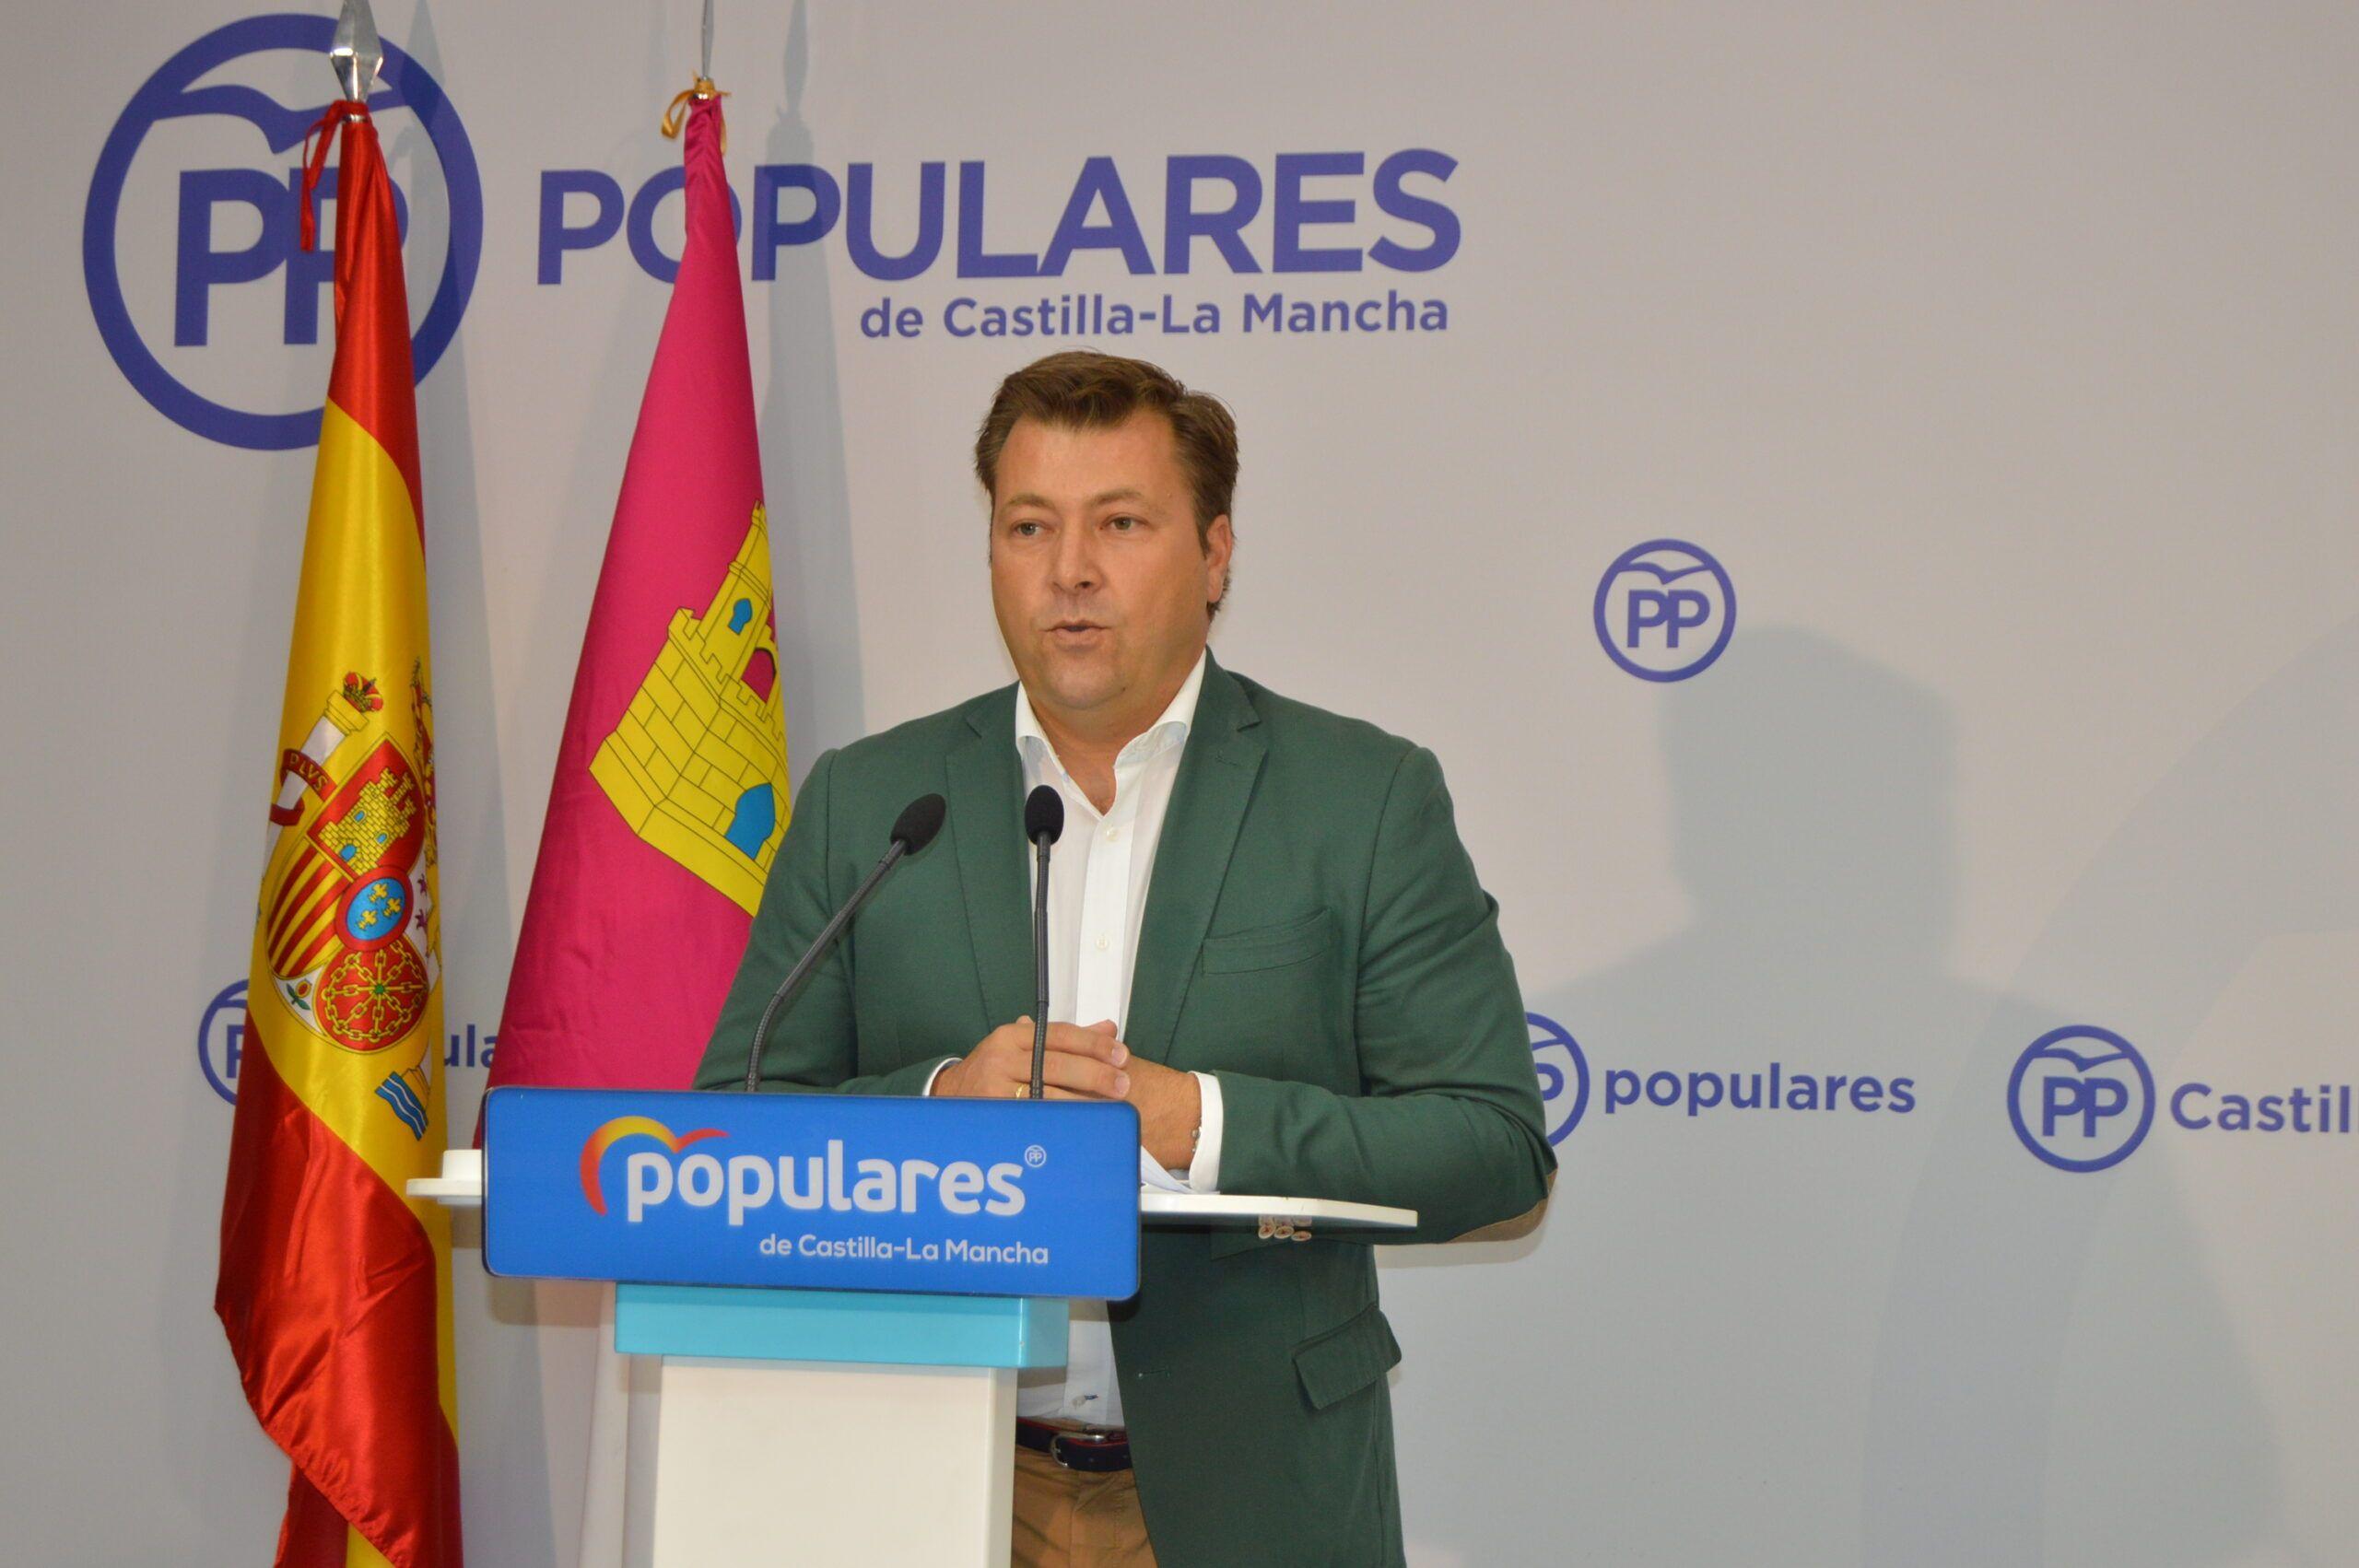 Congosto denuncia la inacción del Gobierno de la Diputación, que vota contra las medidas del PP sin proponer ninguna alternativa